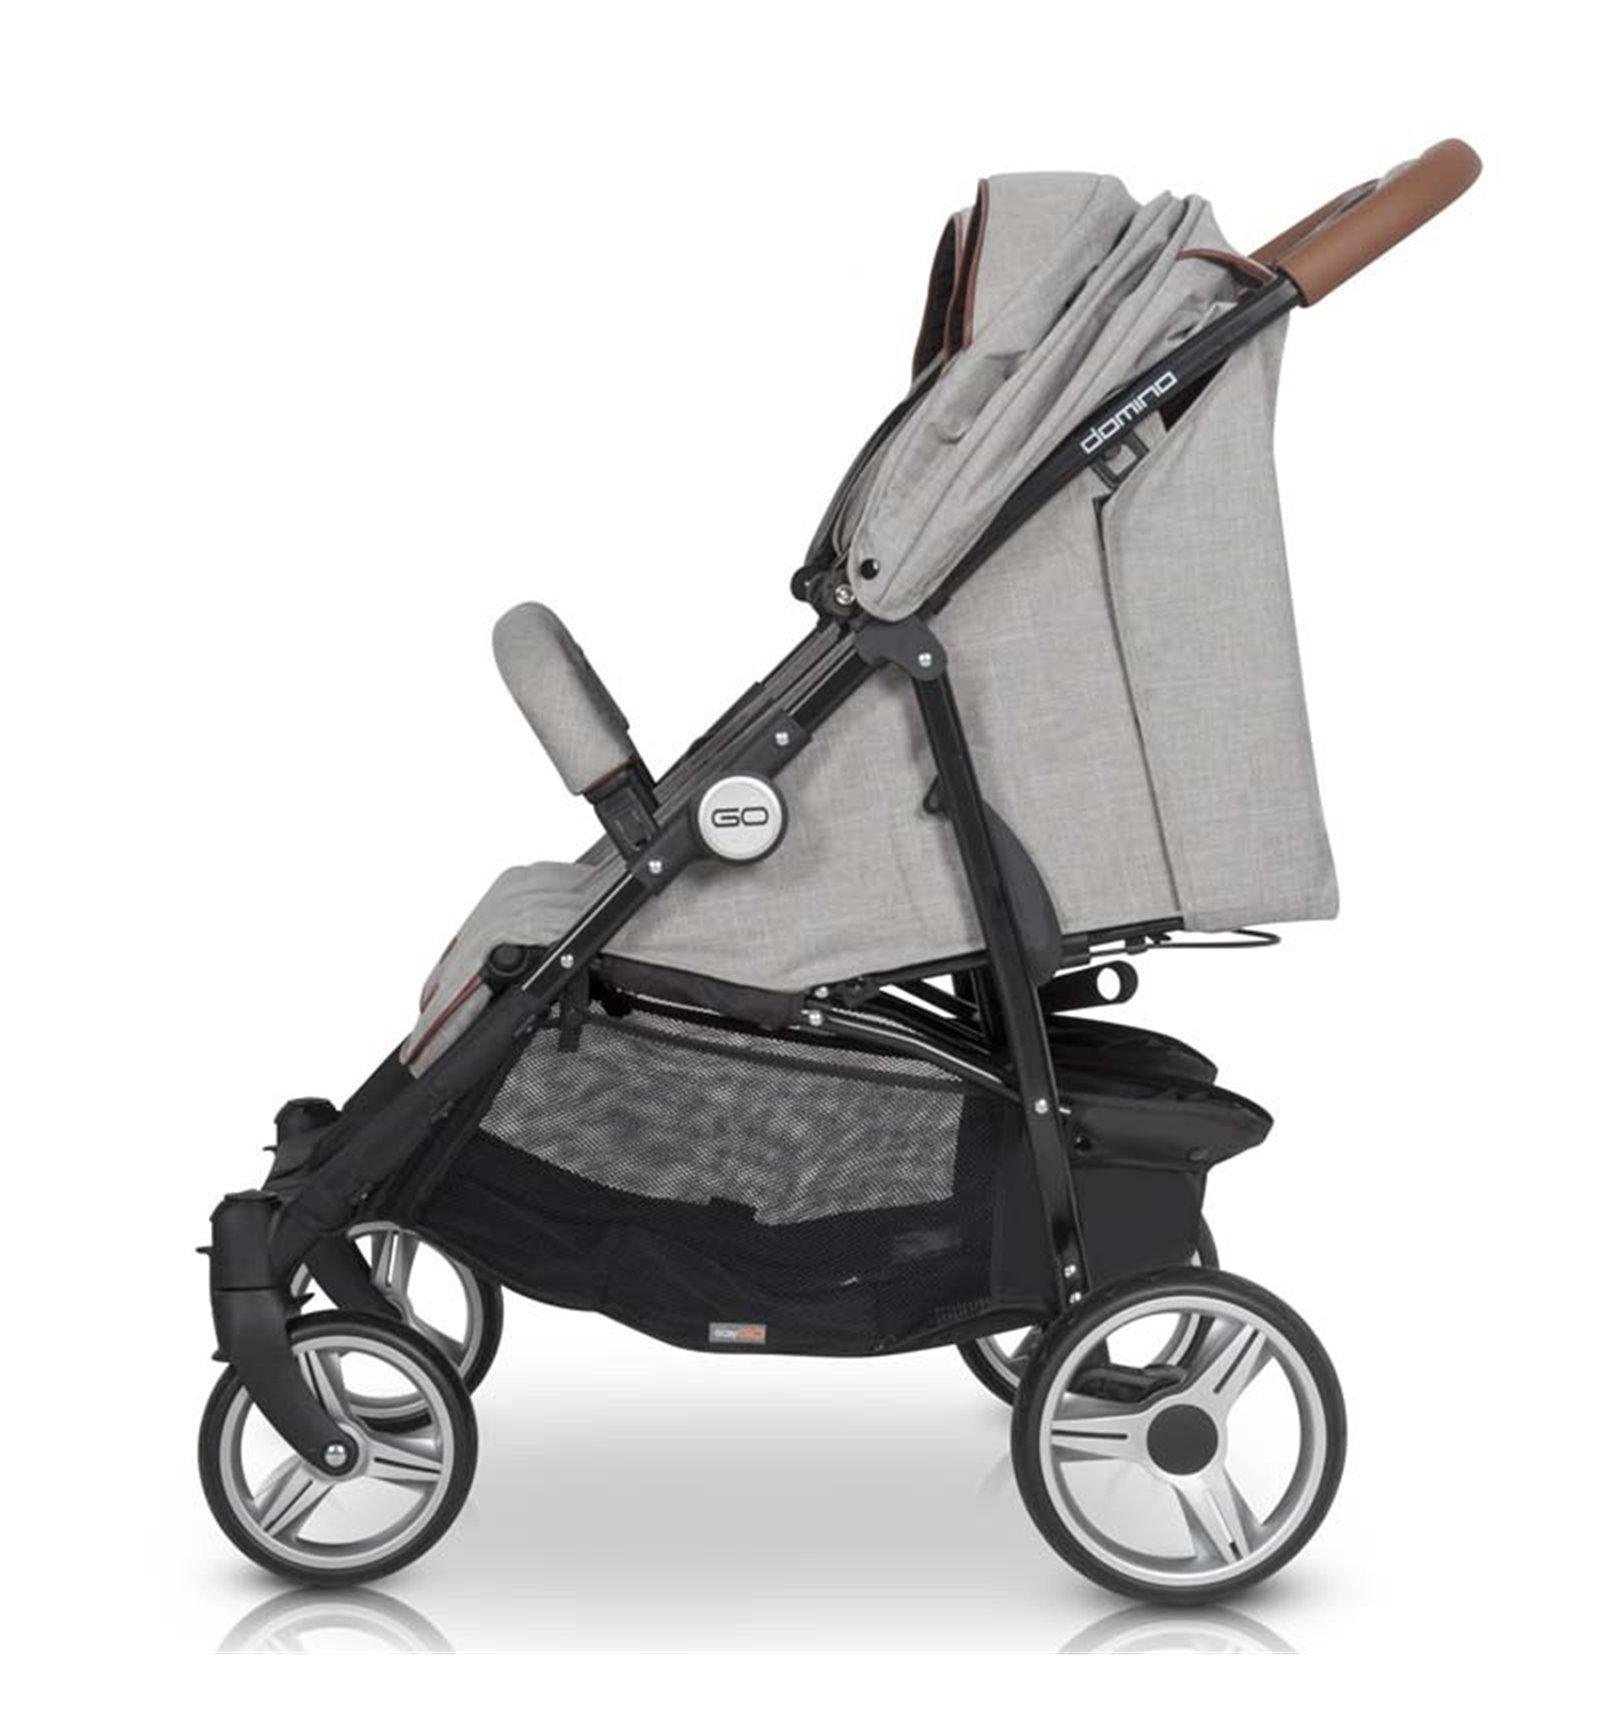 Детская универсальная коляска 2 в 1 Броко Эко 02